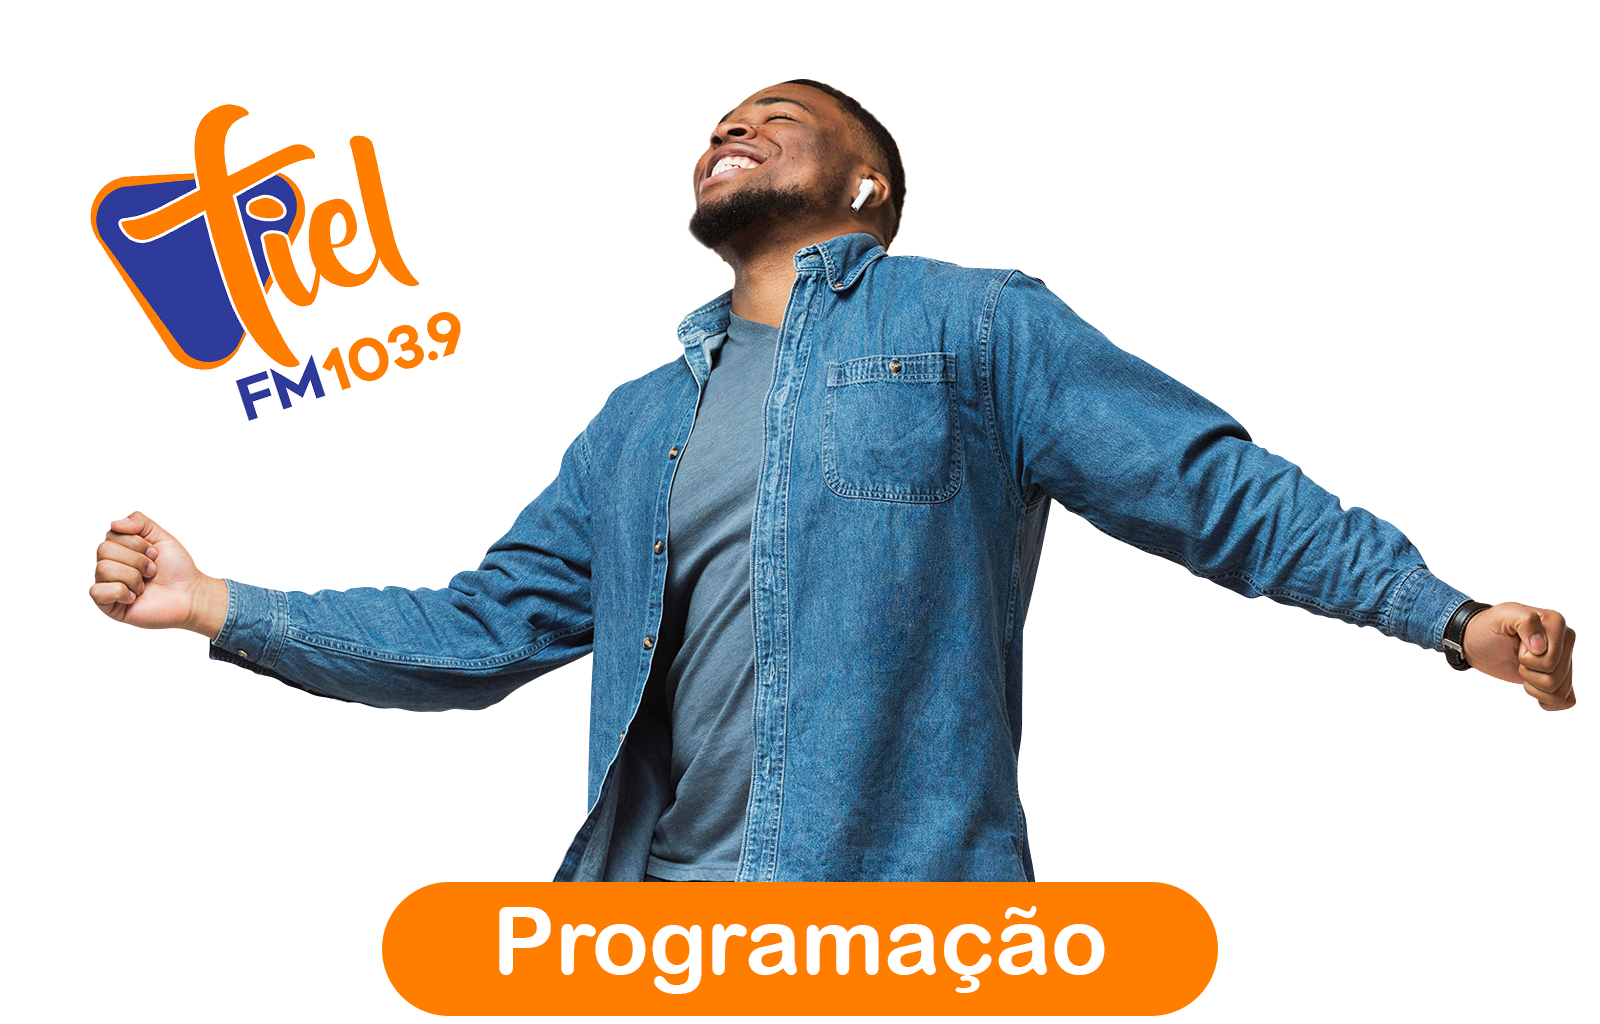 Programação da Rádio